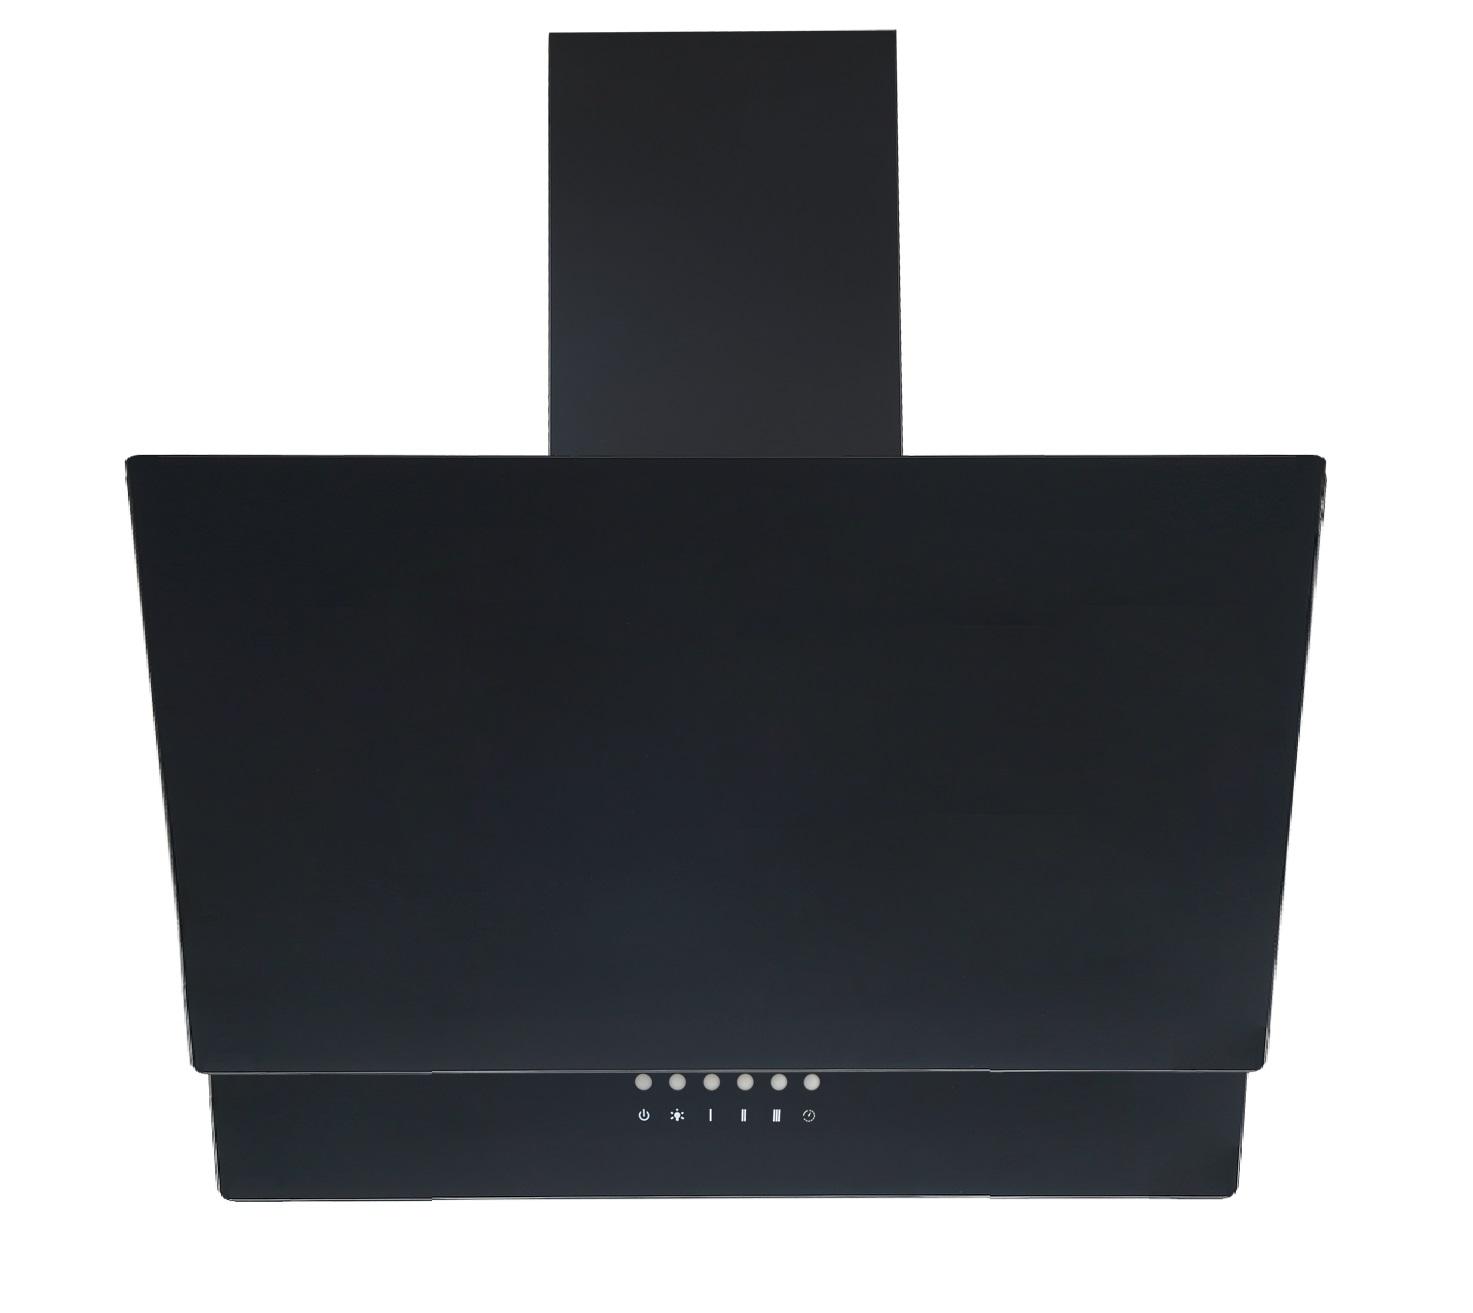 dunstabzugshaube schr ghaube wandhaube kopffrei glas 90 cm schwarz led respekta ebay. Black Bedroom Furniture Sets. Home Design Ideas